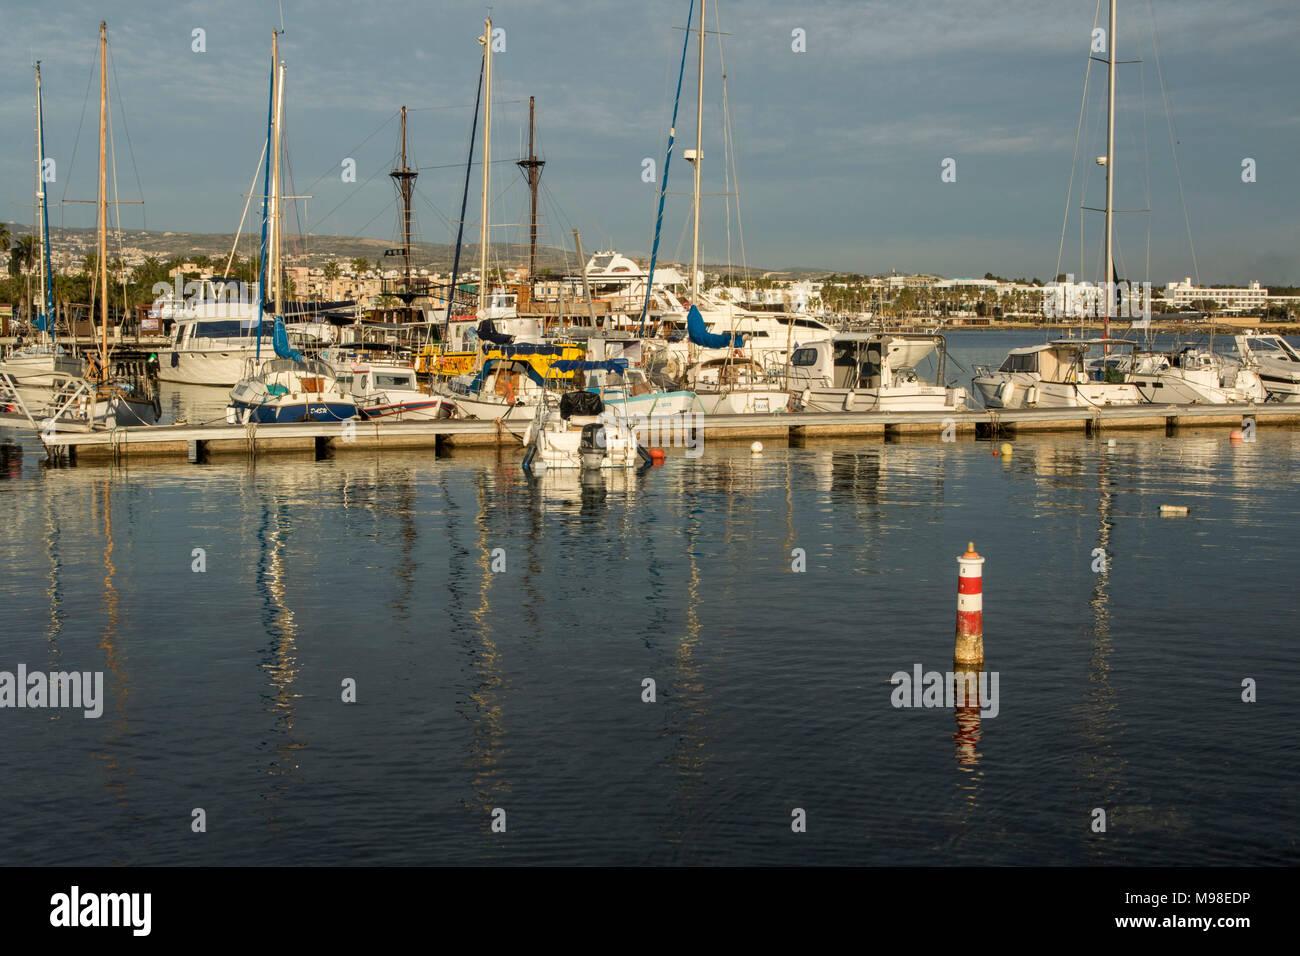 Bateaux amarrés dans le port de Paphos dans la zone touristique de Kato Paphos, Paphos, Chypre, Europe Photo Stock